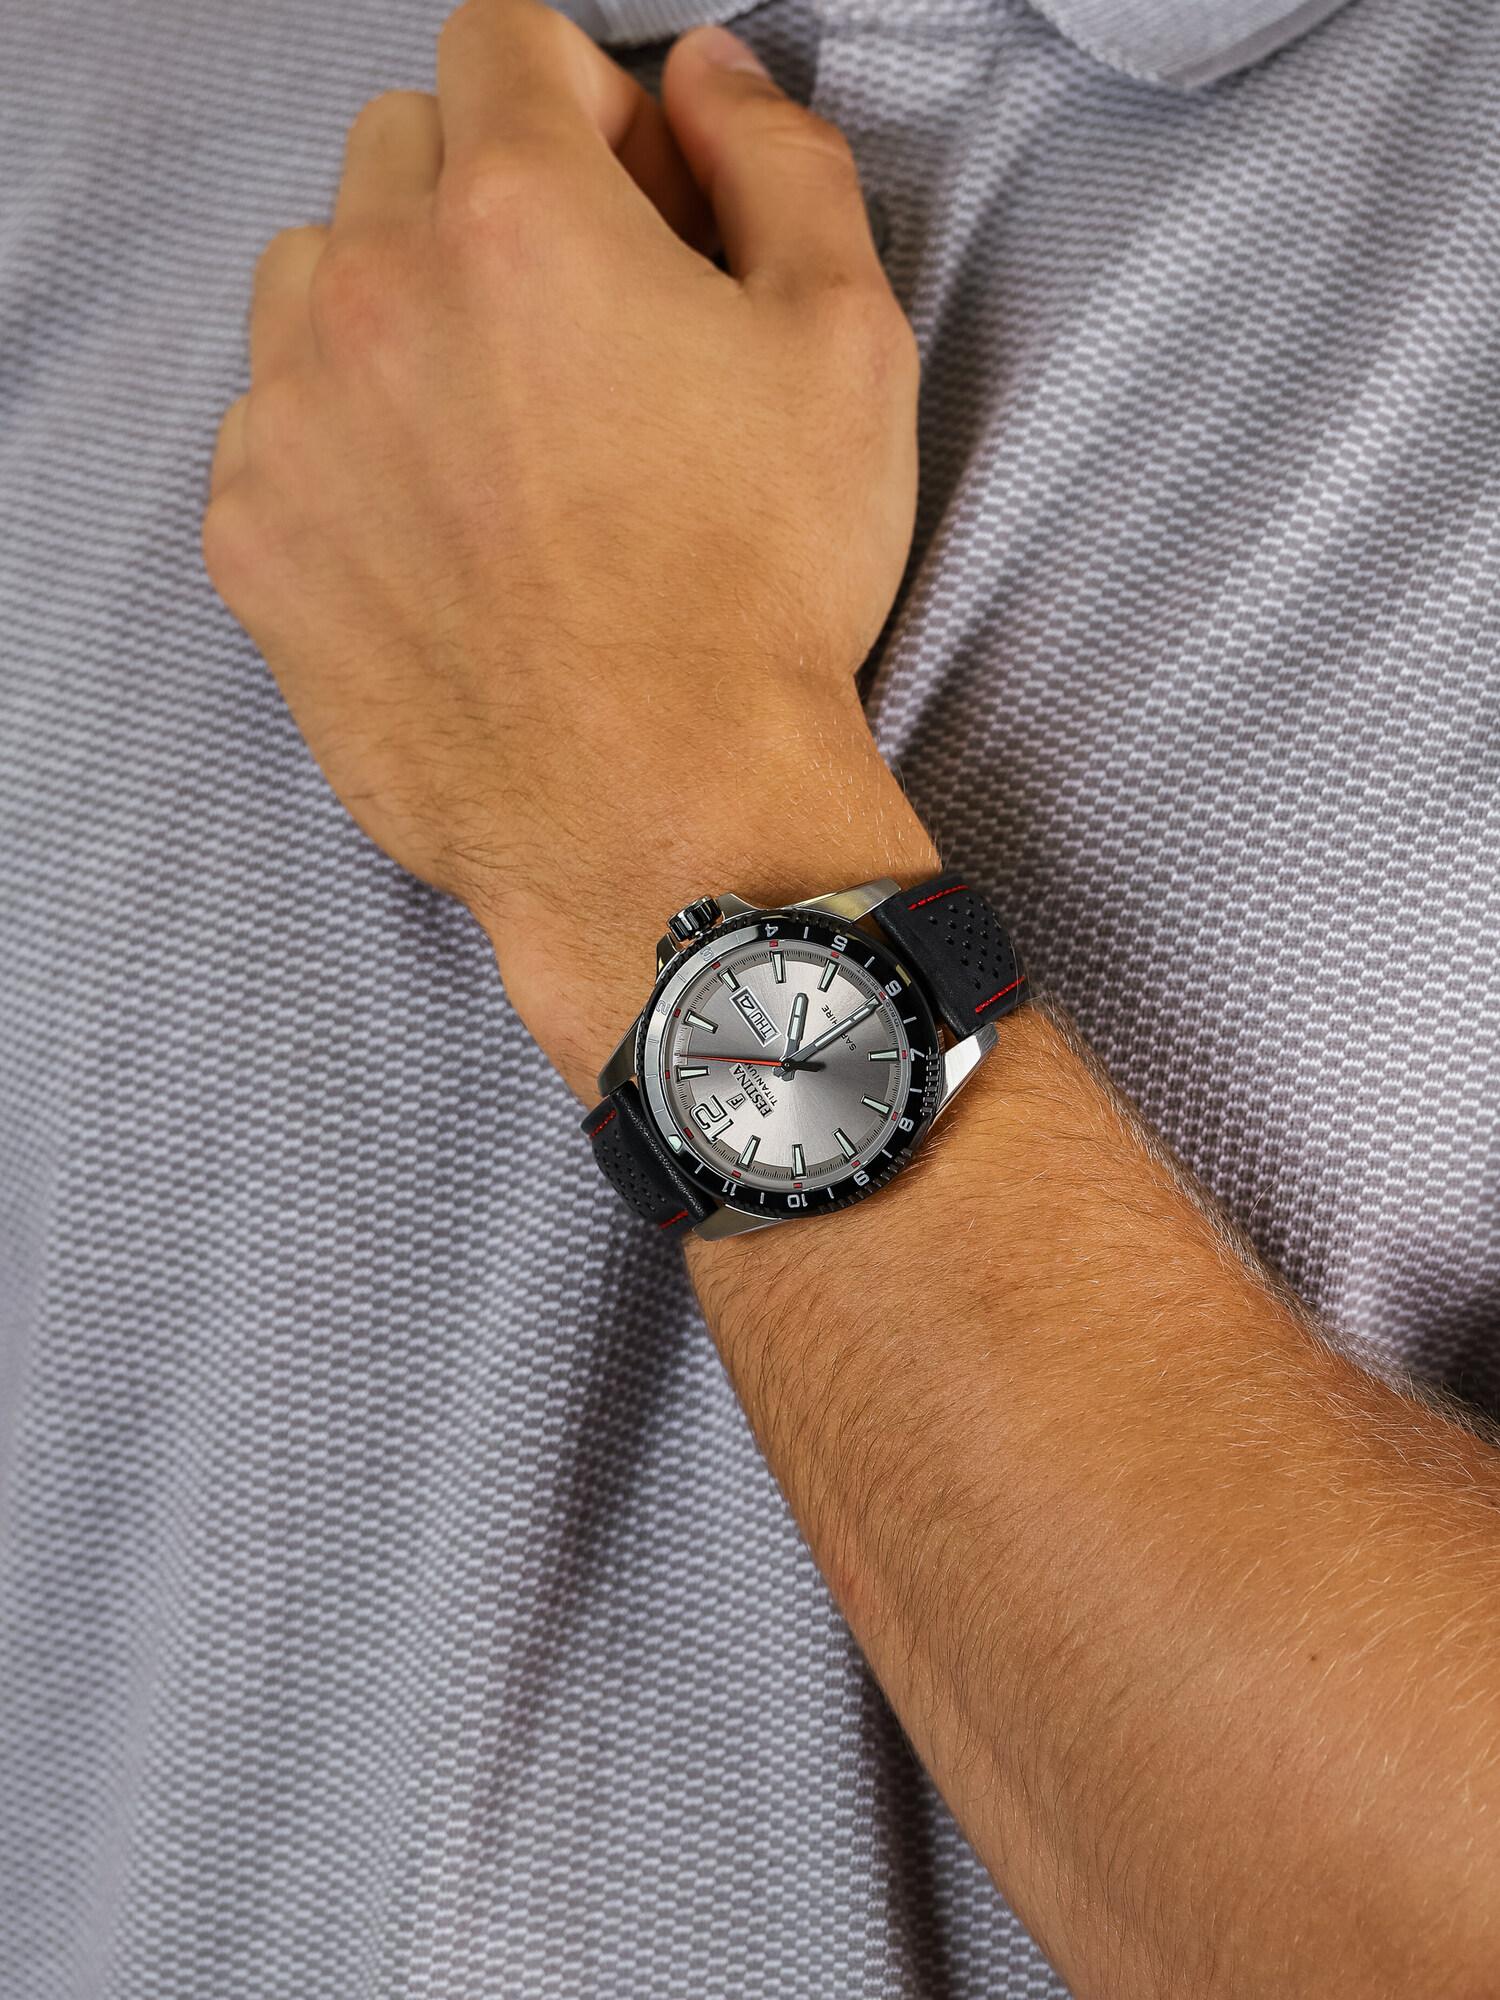 Festina F20530-3 męski zegarek Titanium pasek